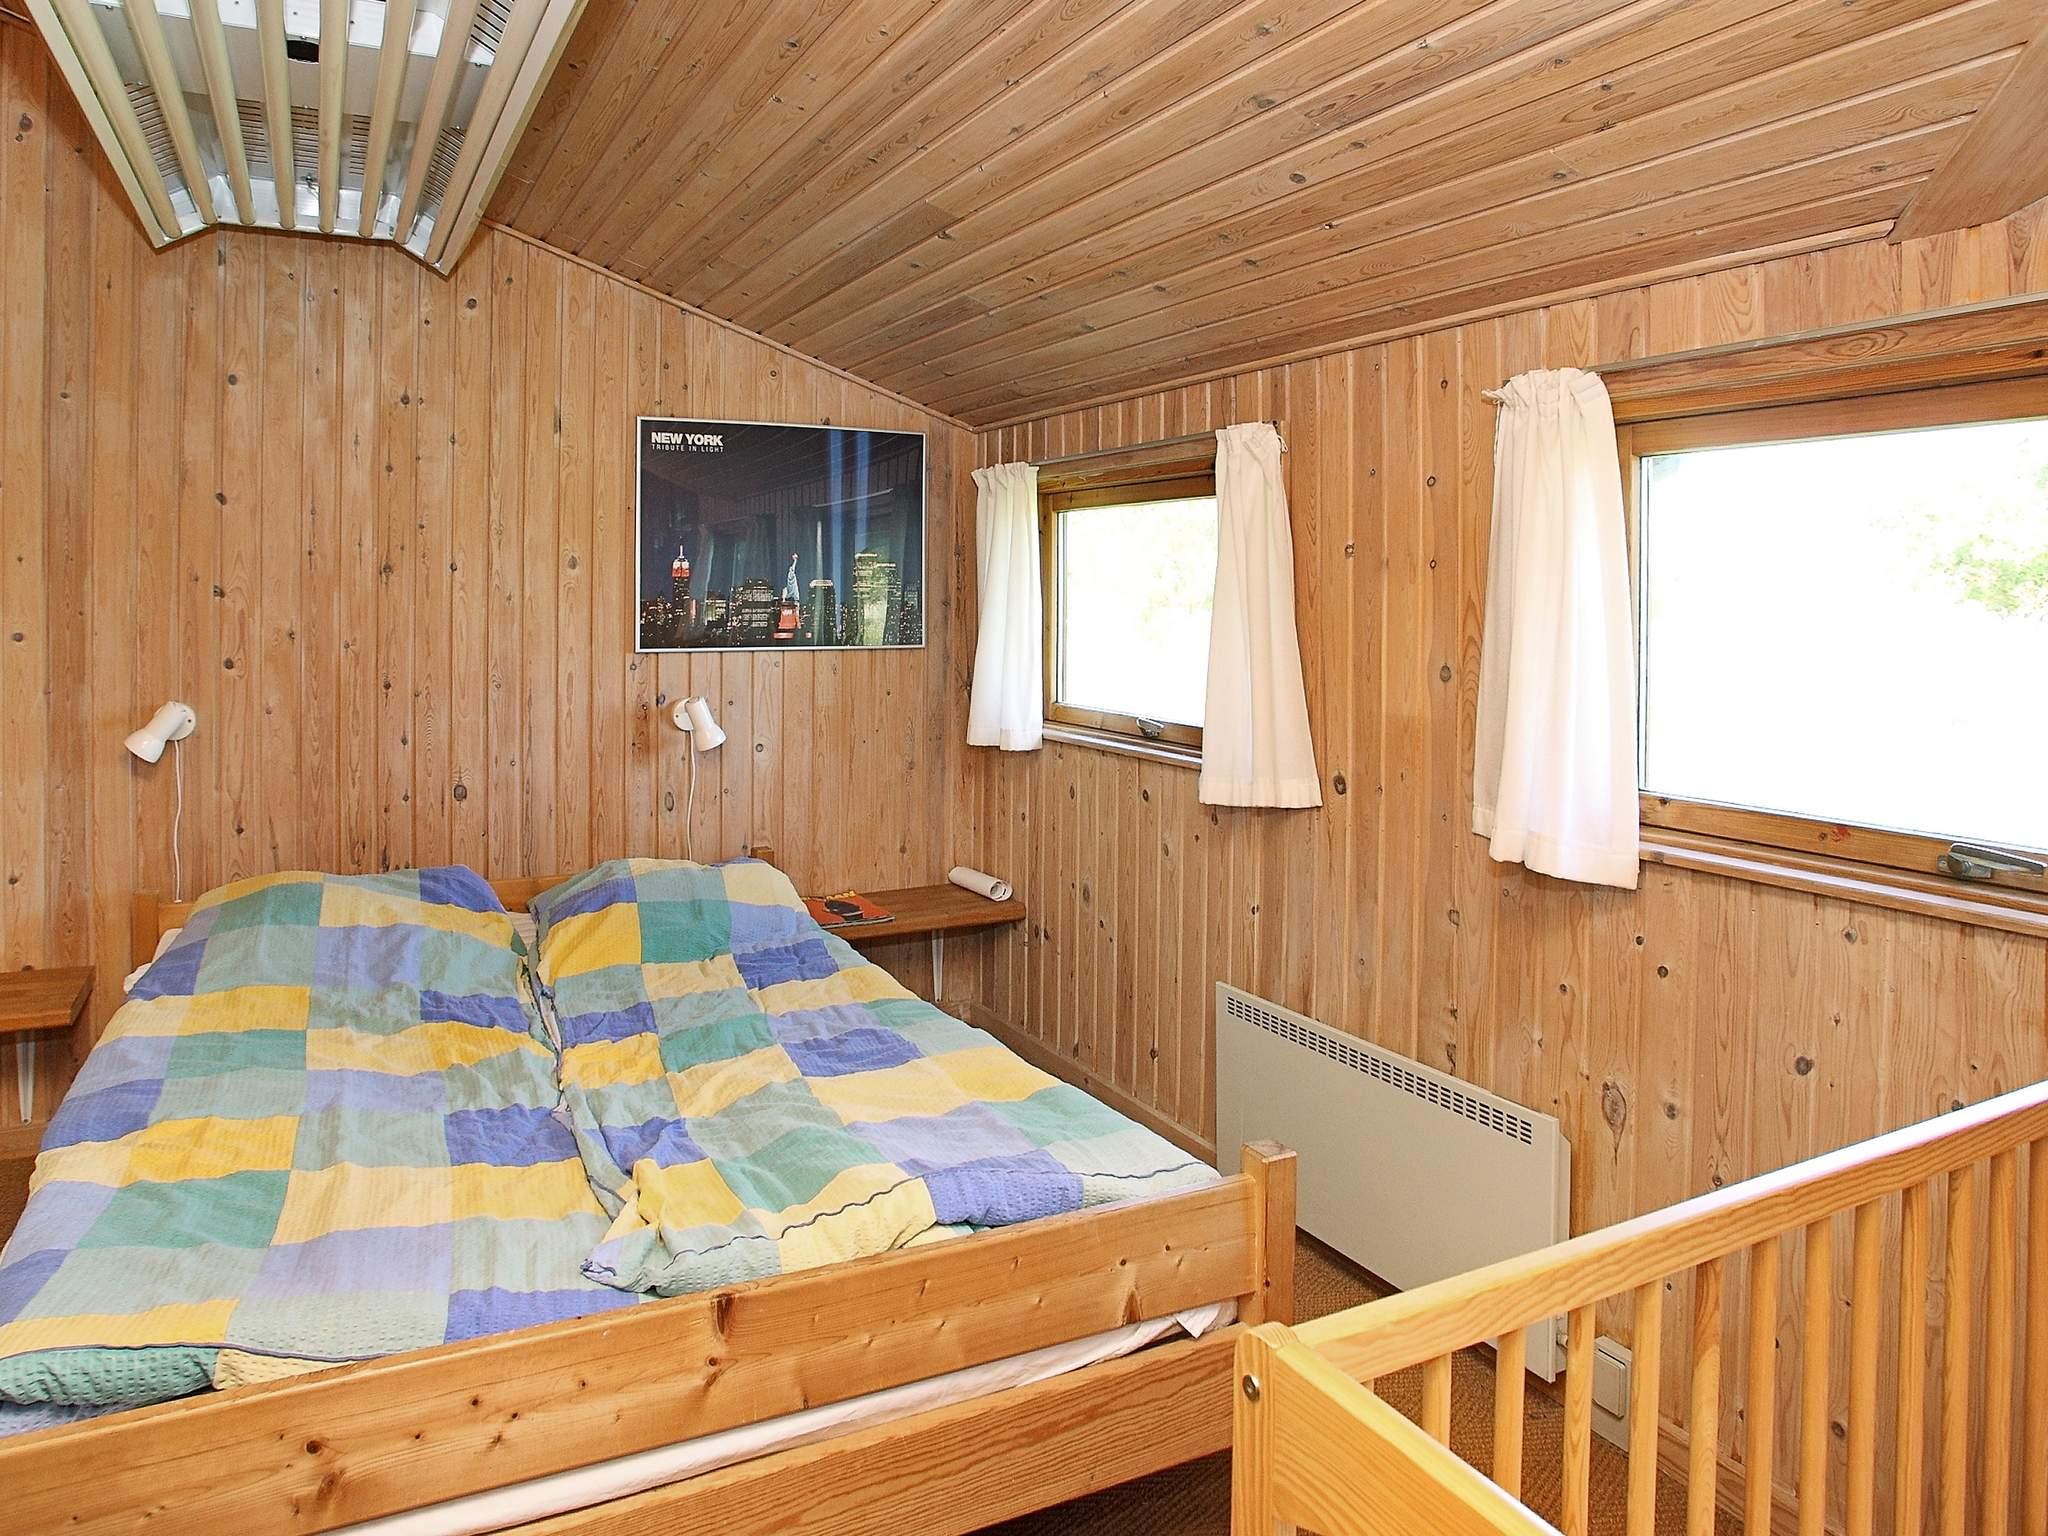 Ferienhaus Kjul Strand (319409), Hirtshals, , Nordwestjütland, Dänemark, Bild 10